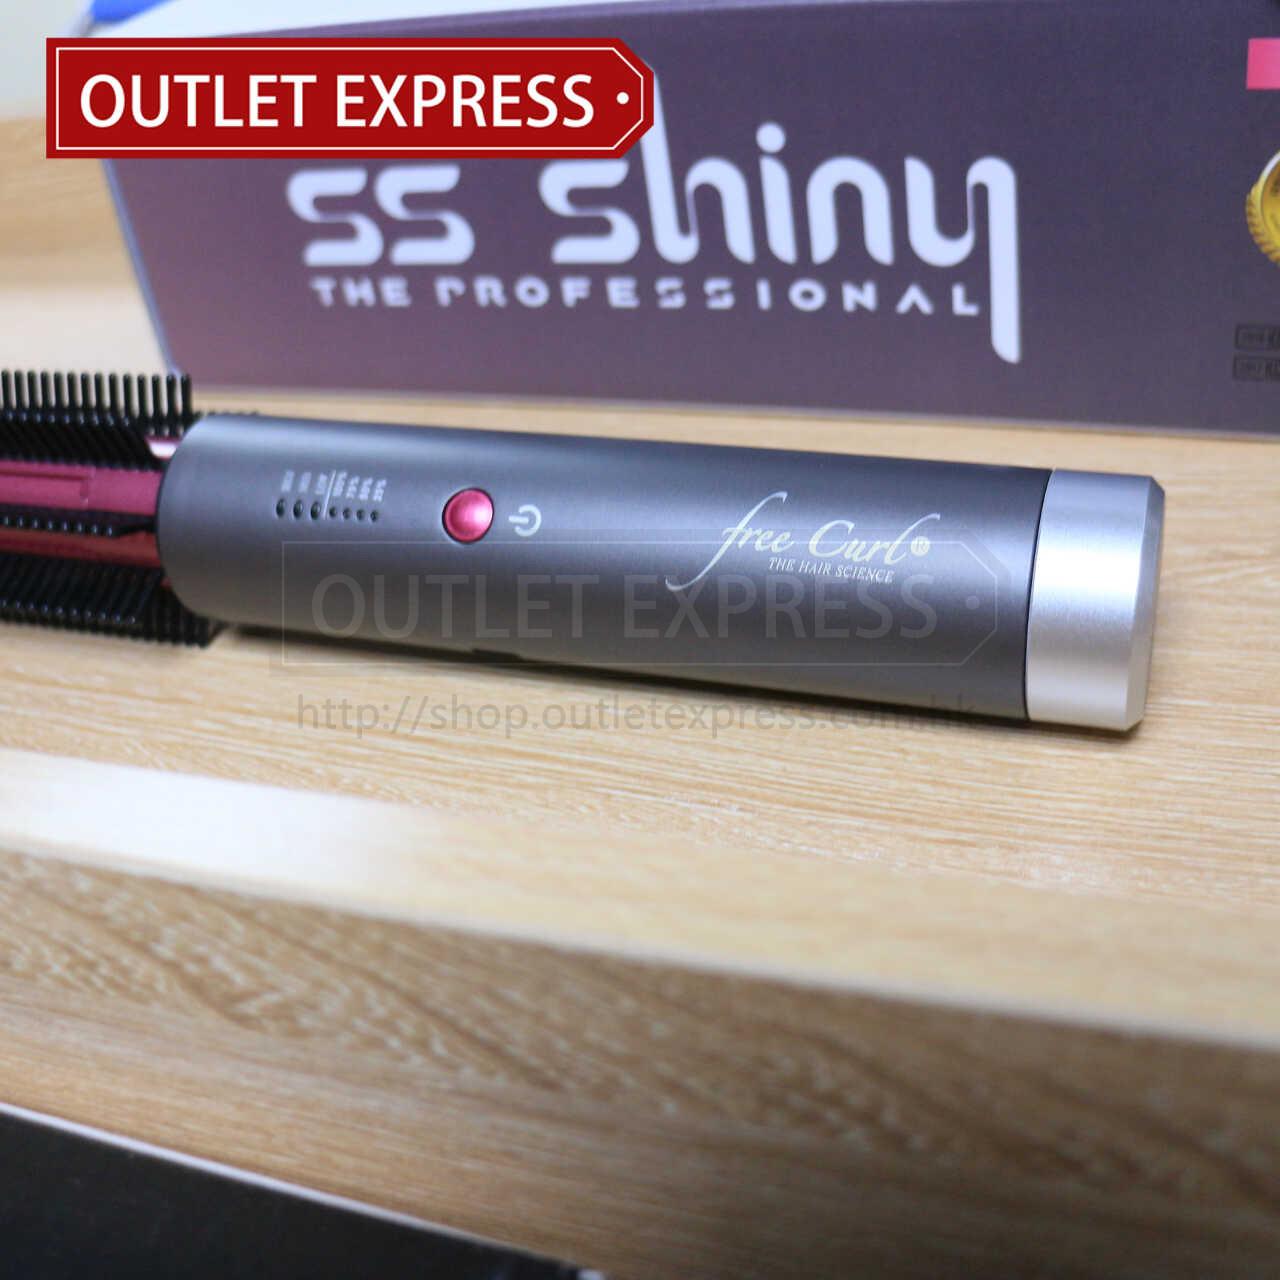 韓國SS Shiny Free curl USB充電無線捲髮器 正面圖 - Outlet Express HK生活百貨城實拍相片